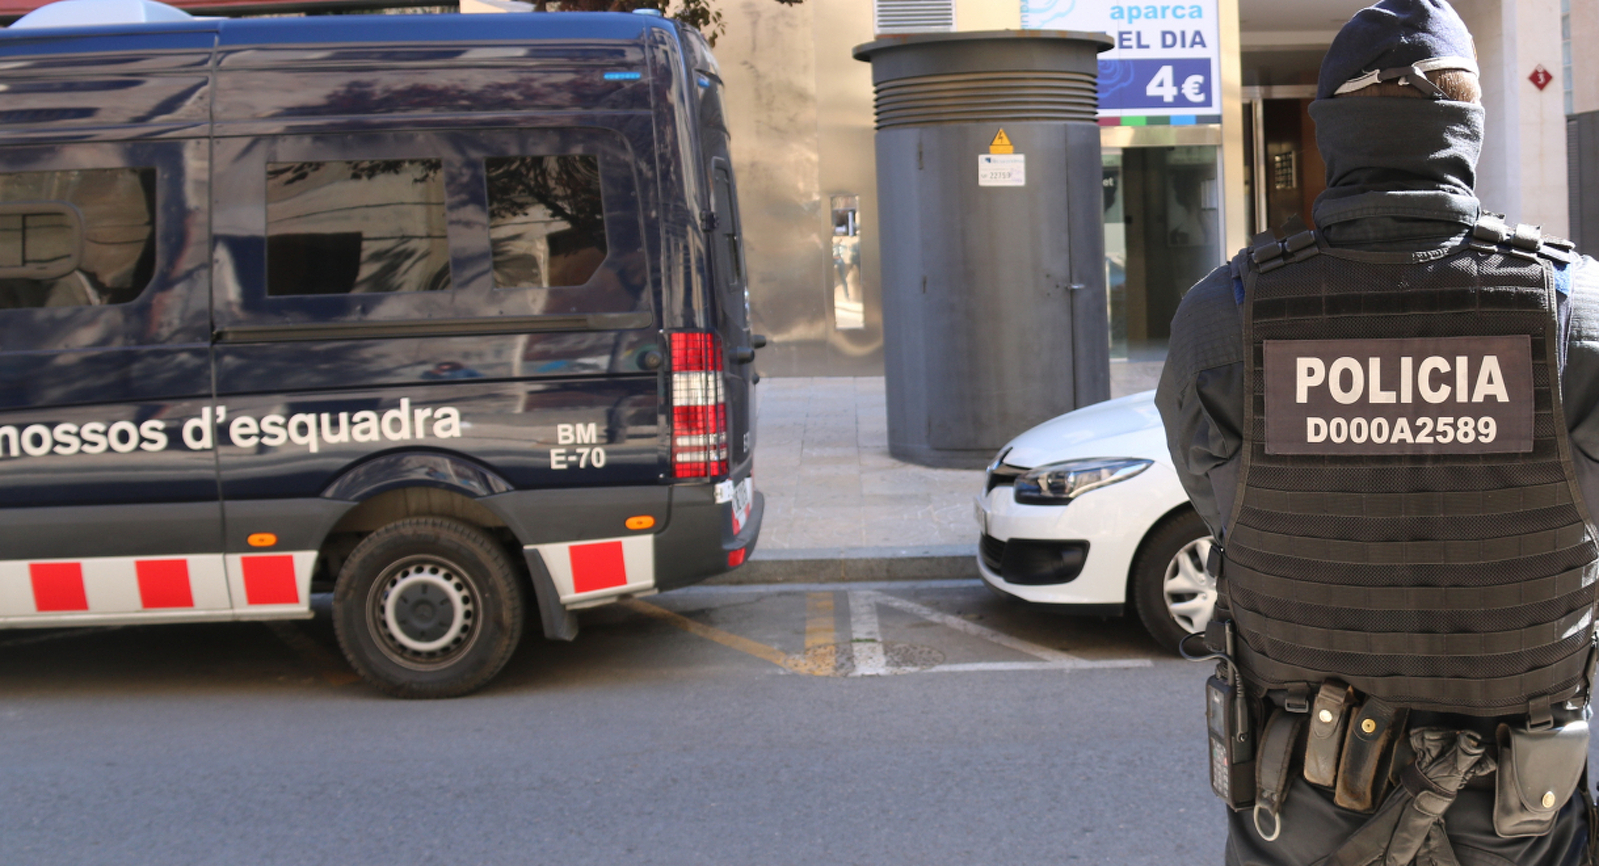 El dispositiu dels Mossos d'Esquadra a Reus contra un grup que robava en benzineres d'autopistes al Camp de Tarragona